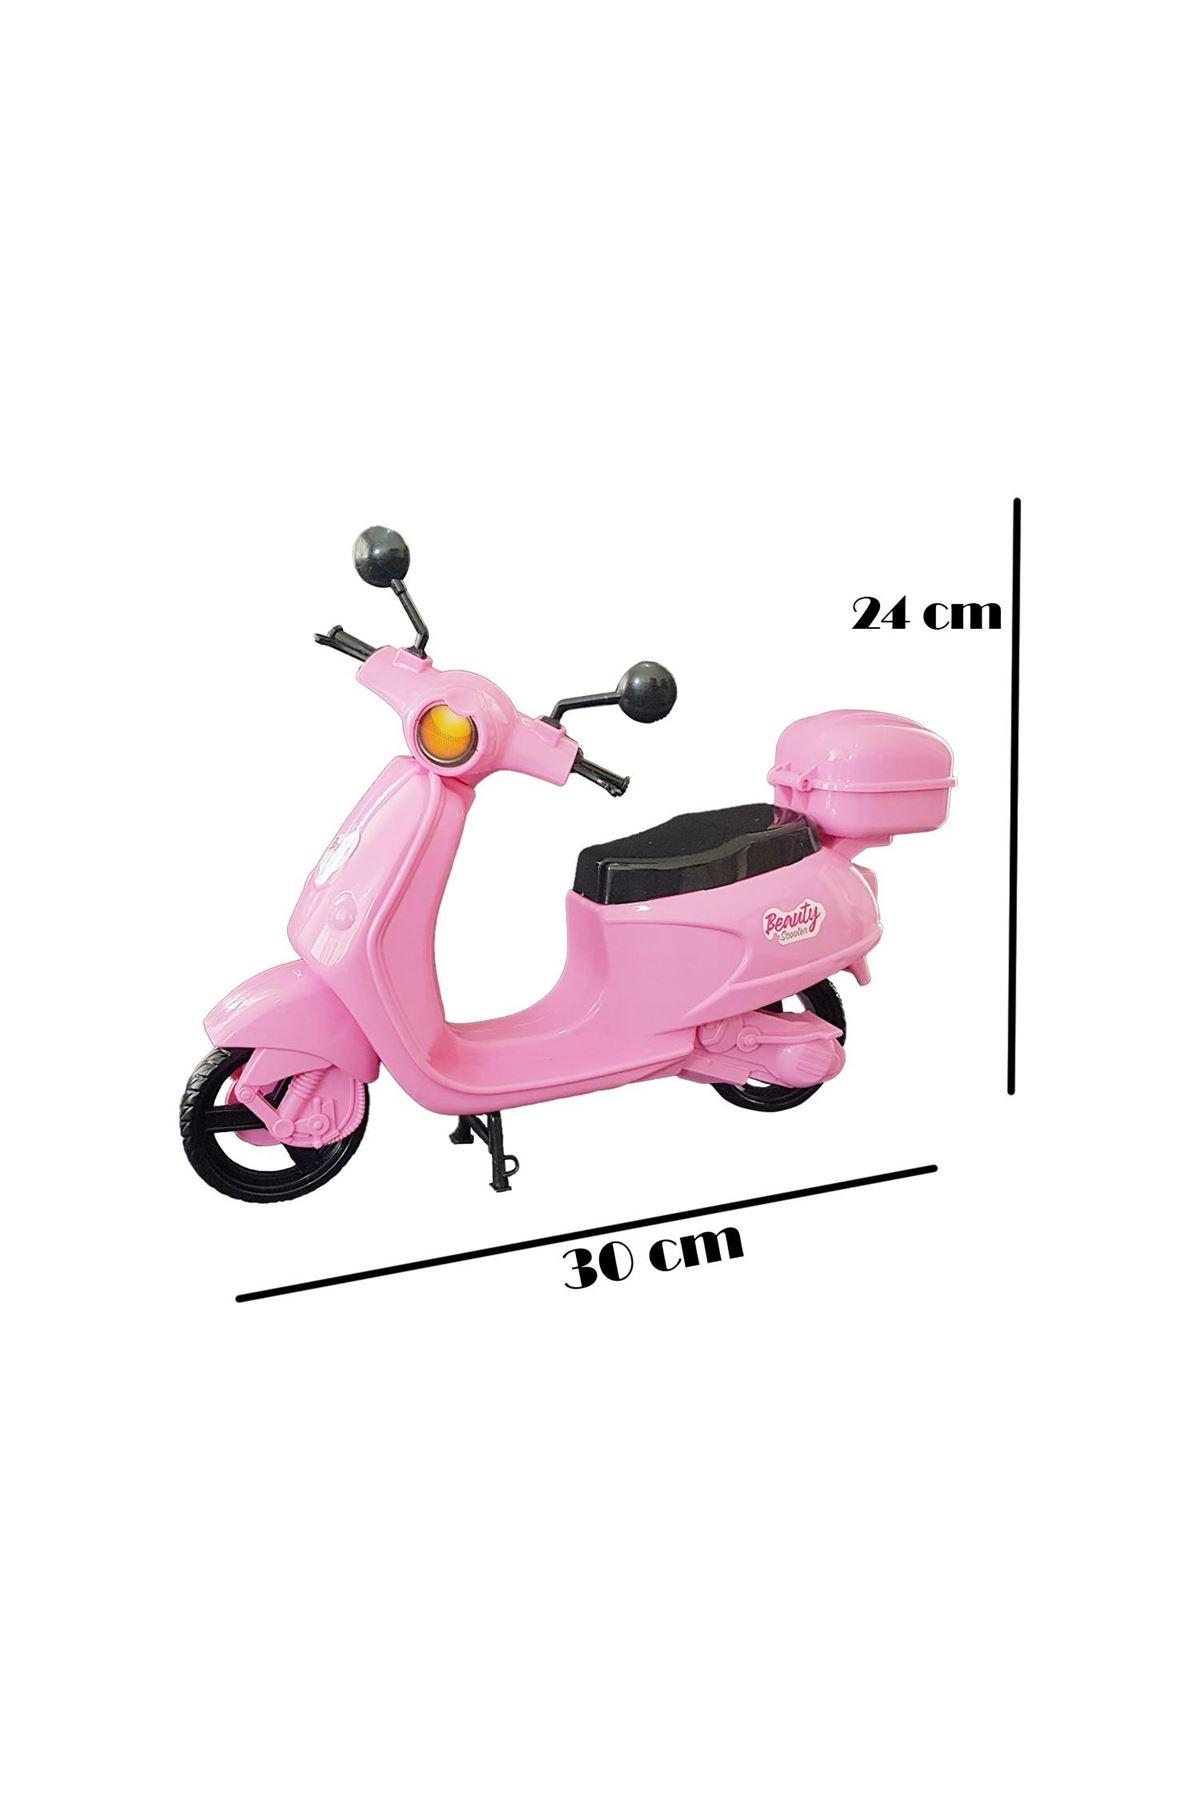 Kingtoys Beauty Bebek Motorsiklet Scooter